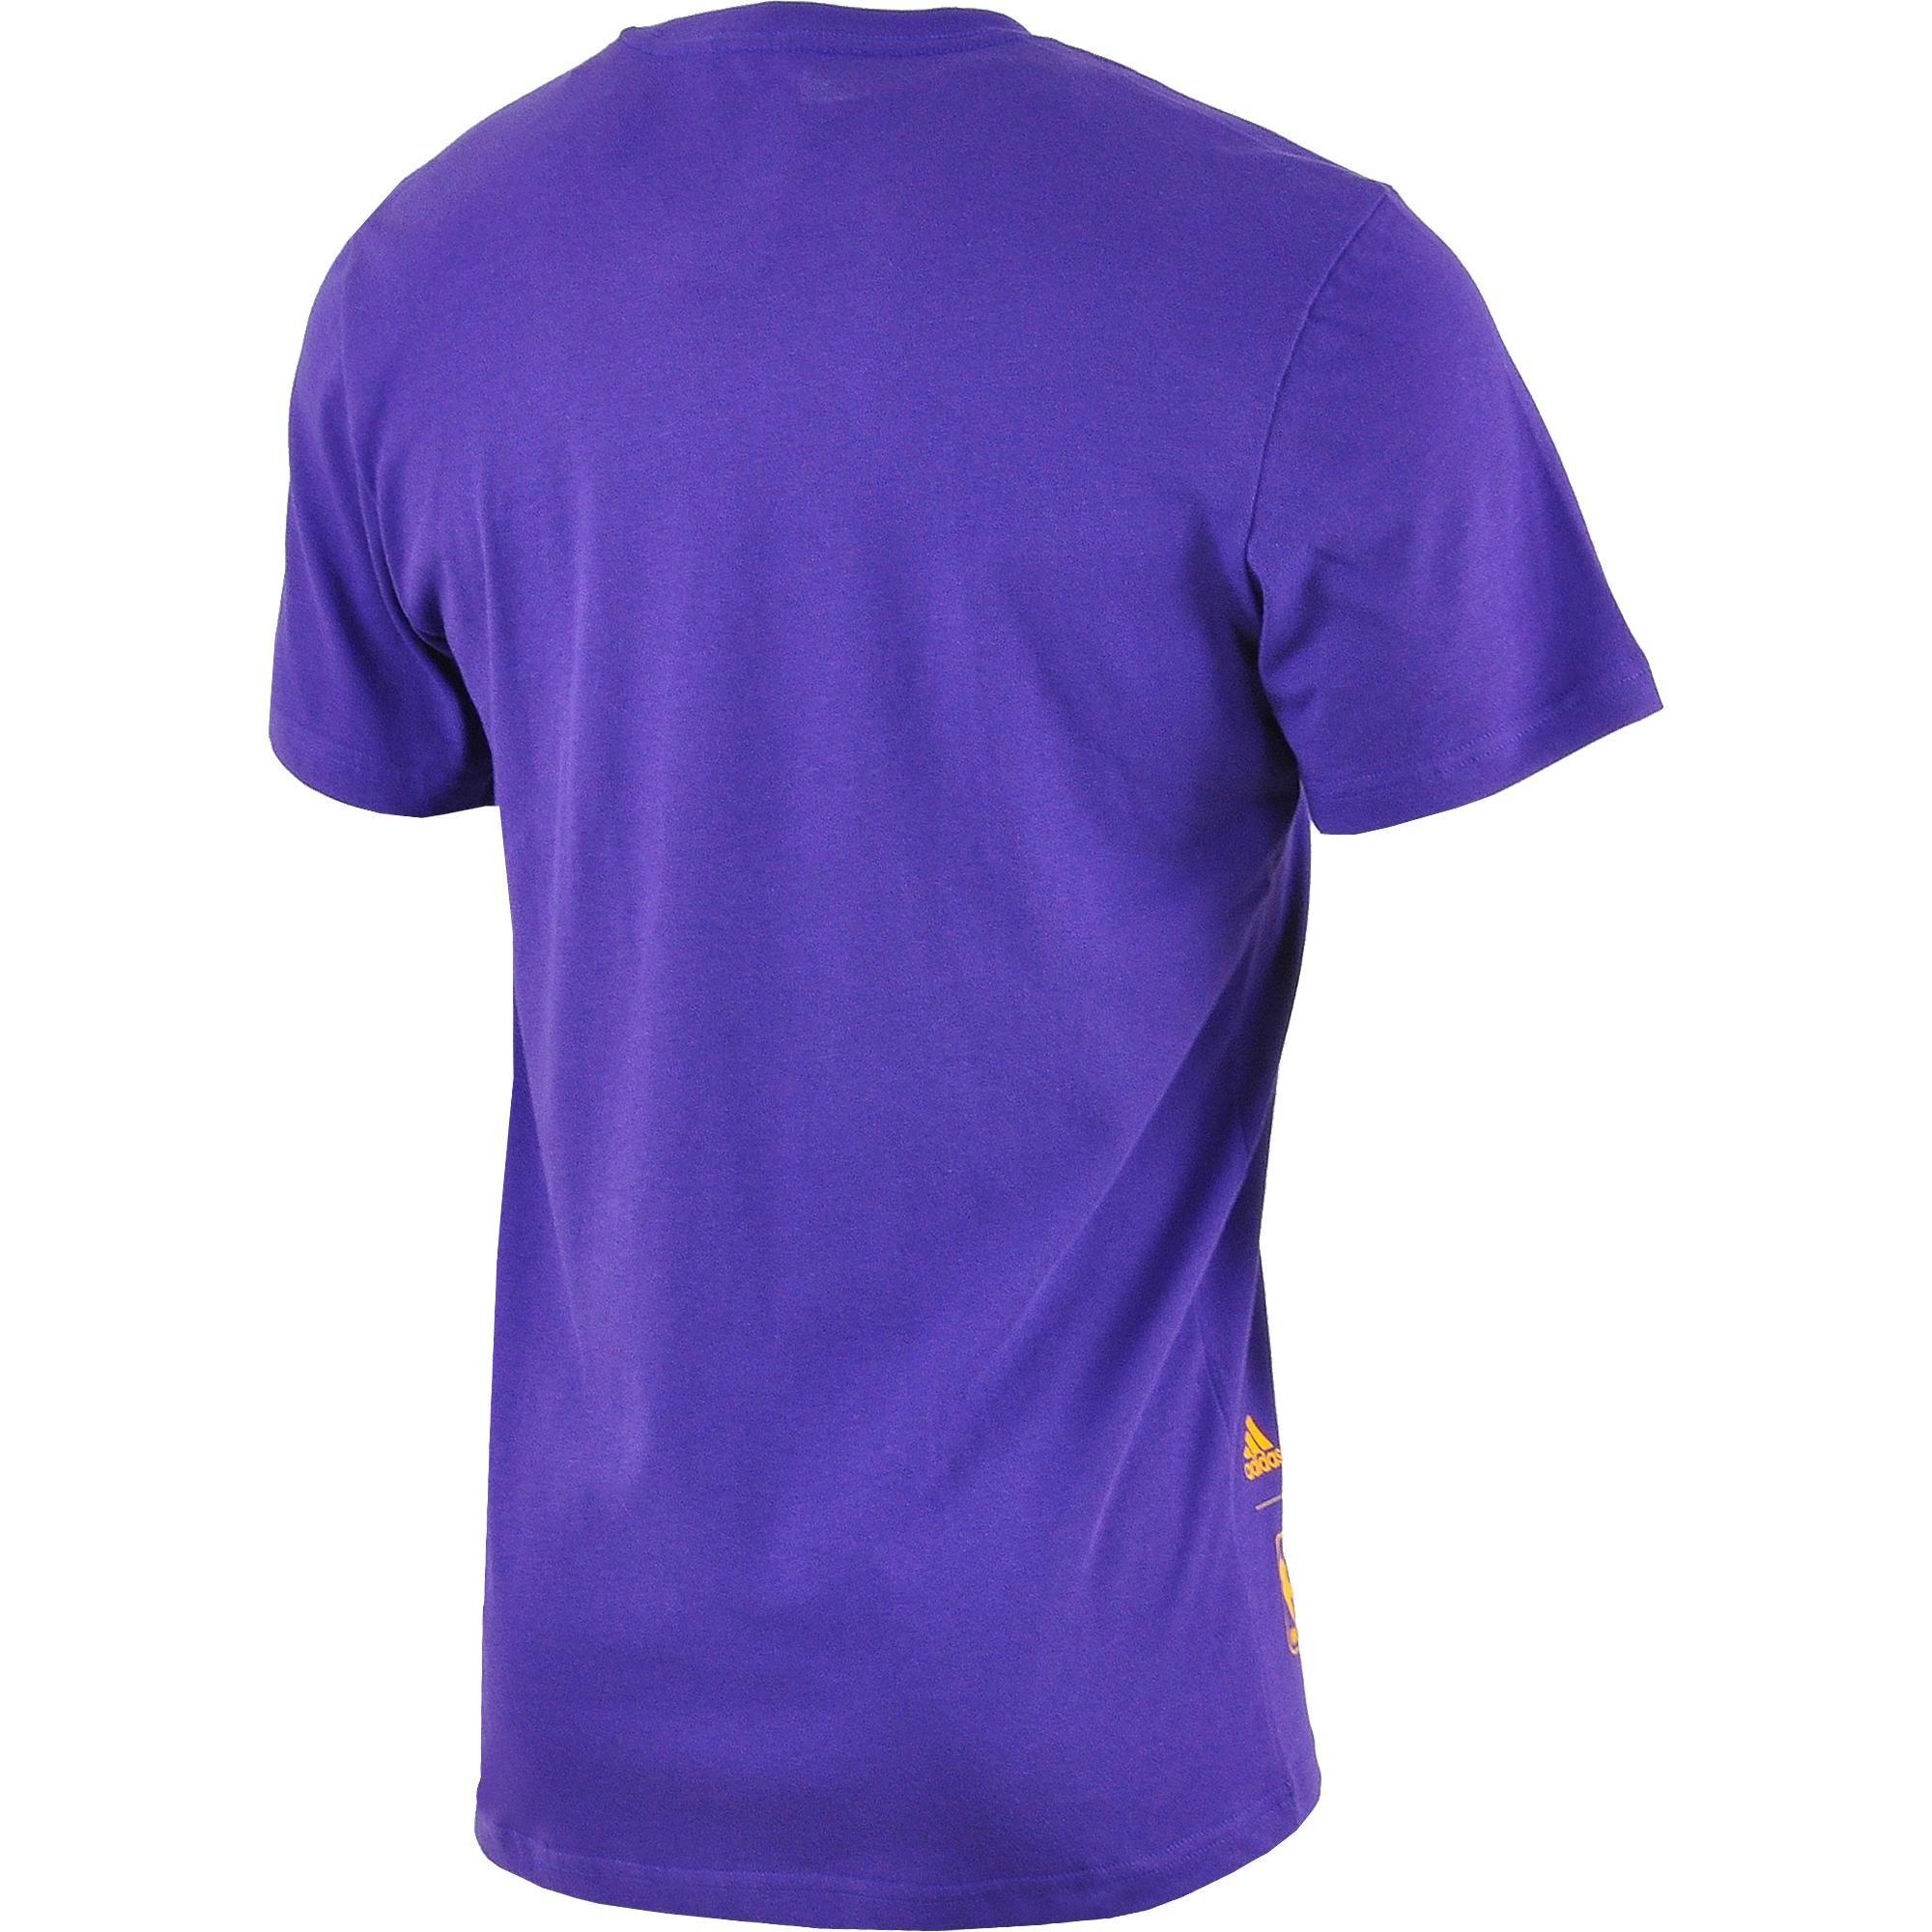 adidas t shirt erkek